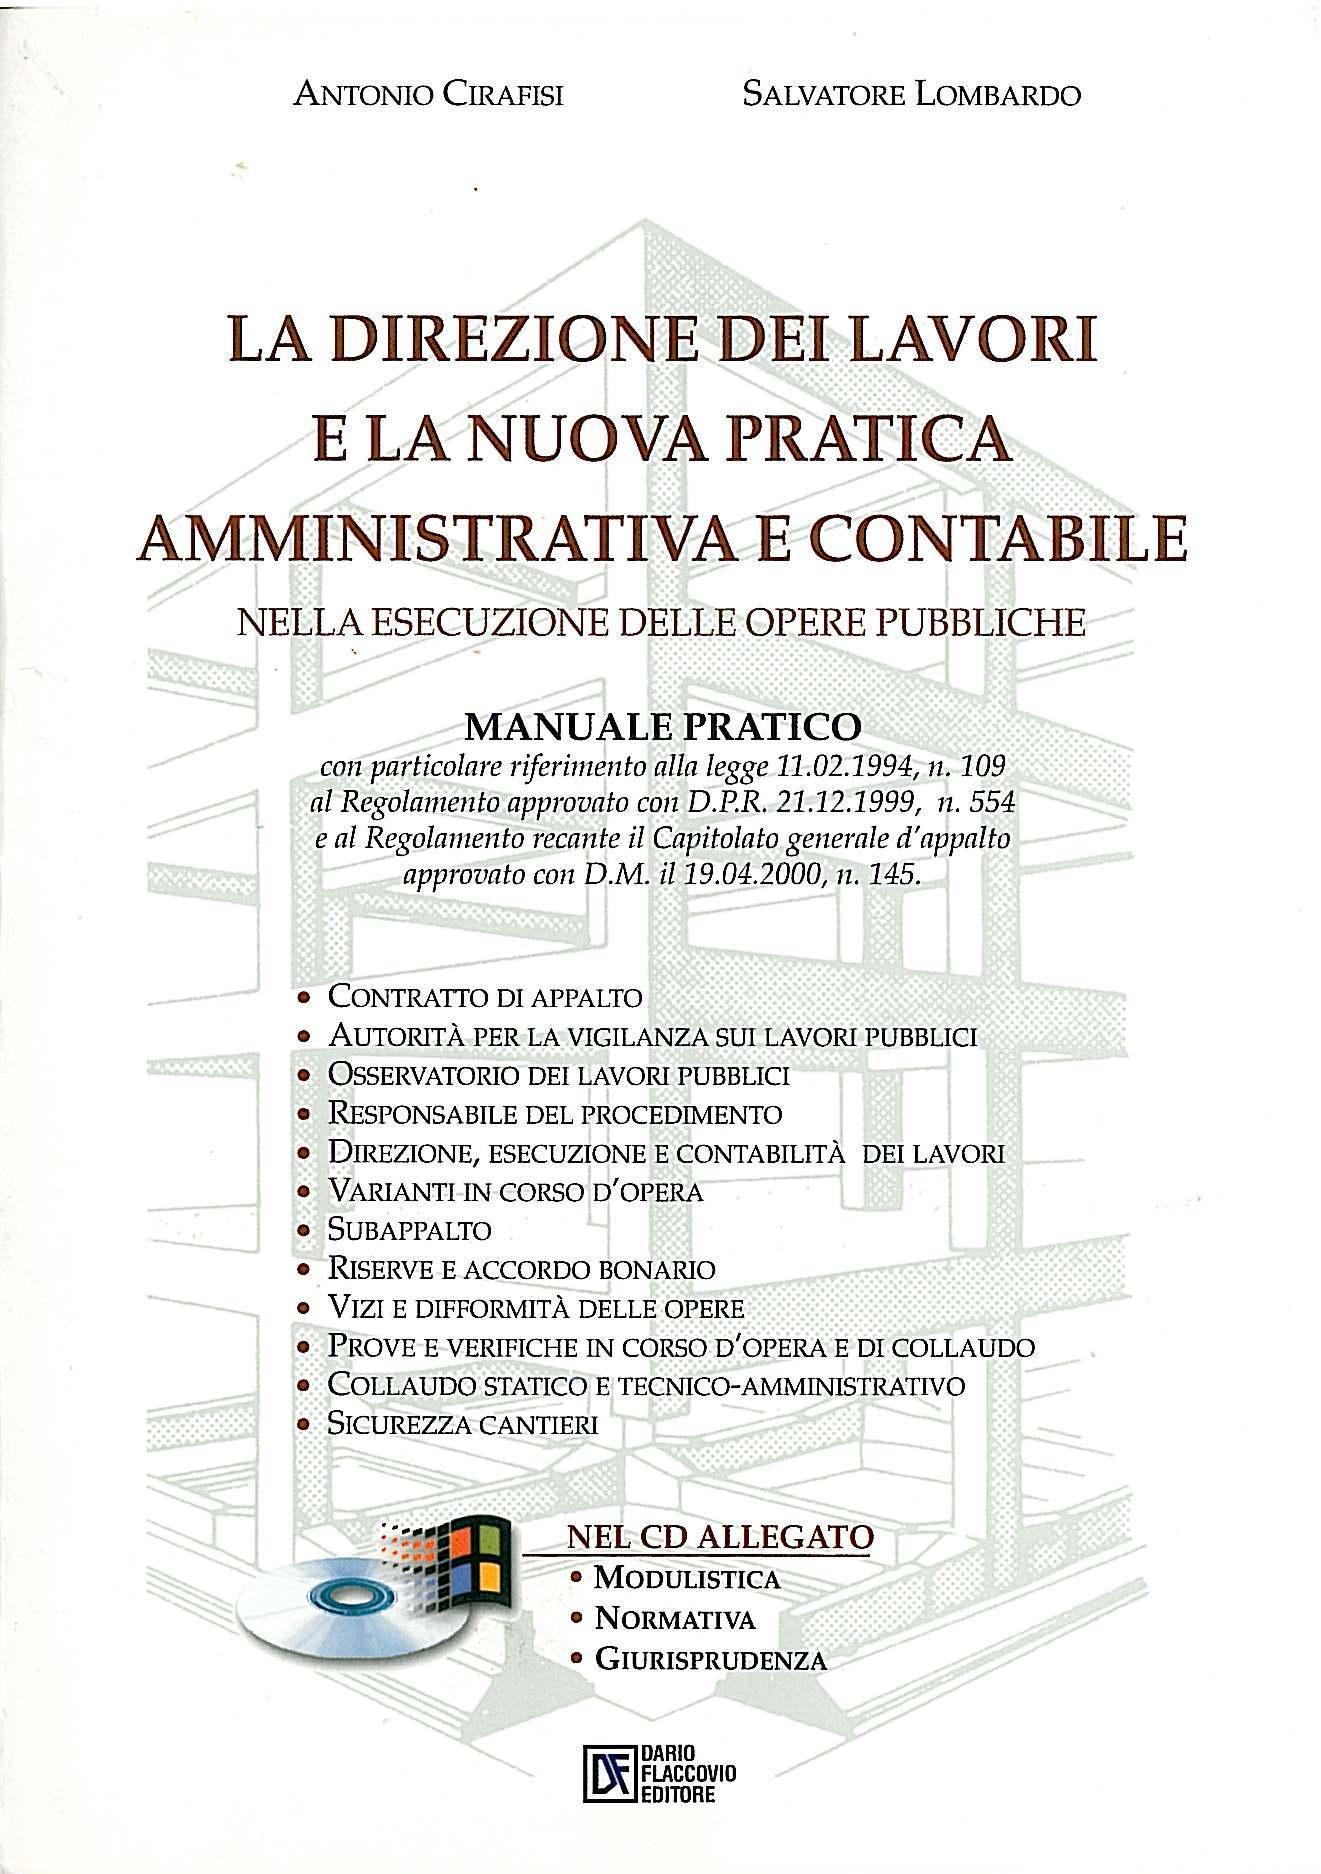 La direzione dei lavori e la pratica amministrativa e contabile nell'esecuzione delle opere pubbliche